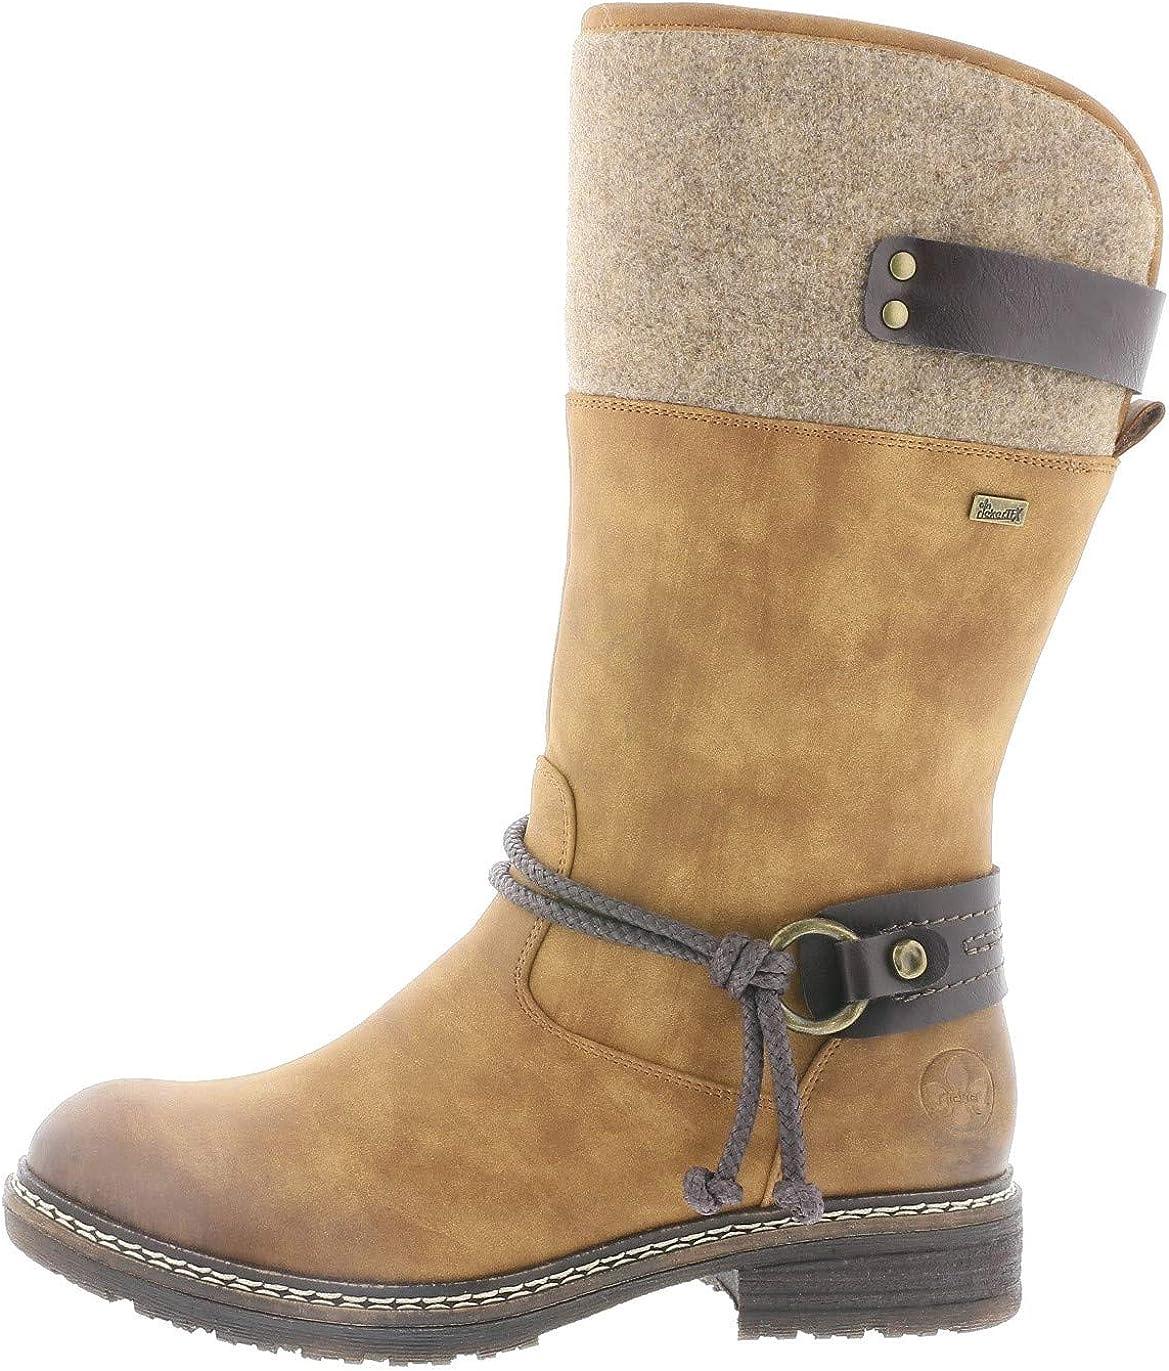 Rieker Femme Bottes, Boots 94774, Dame Bottes d'hiver,riekerTEX